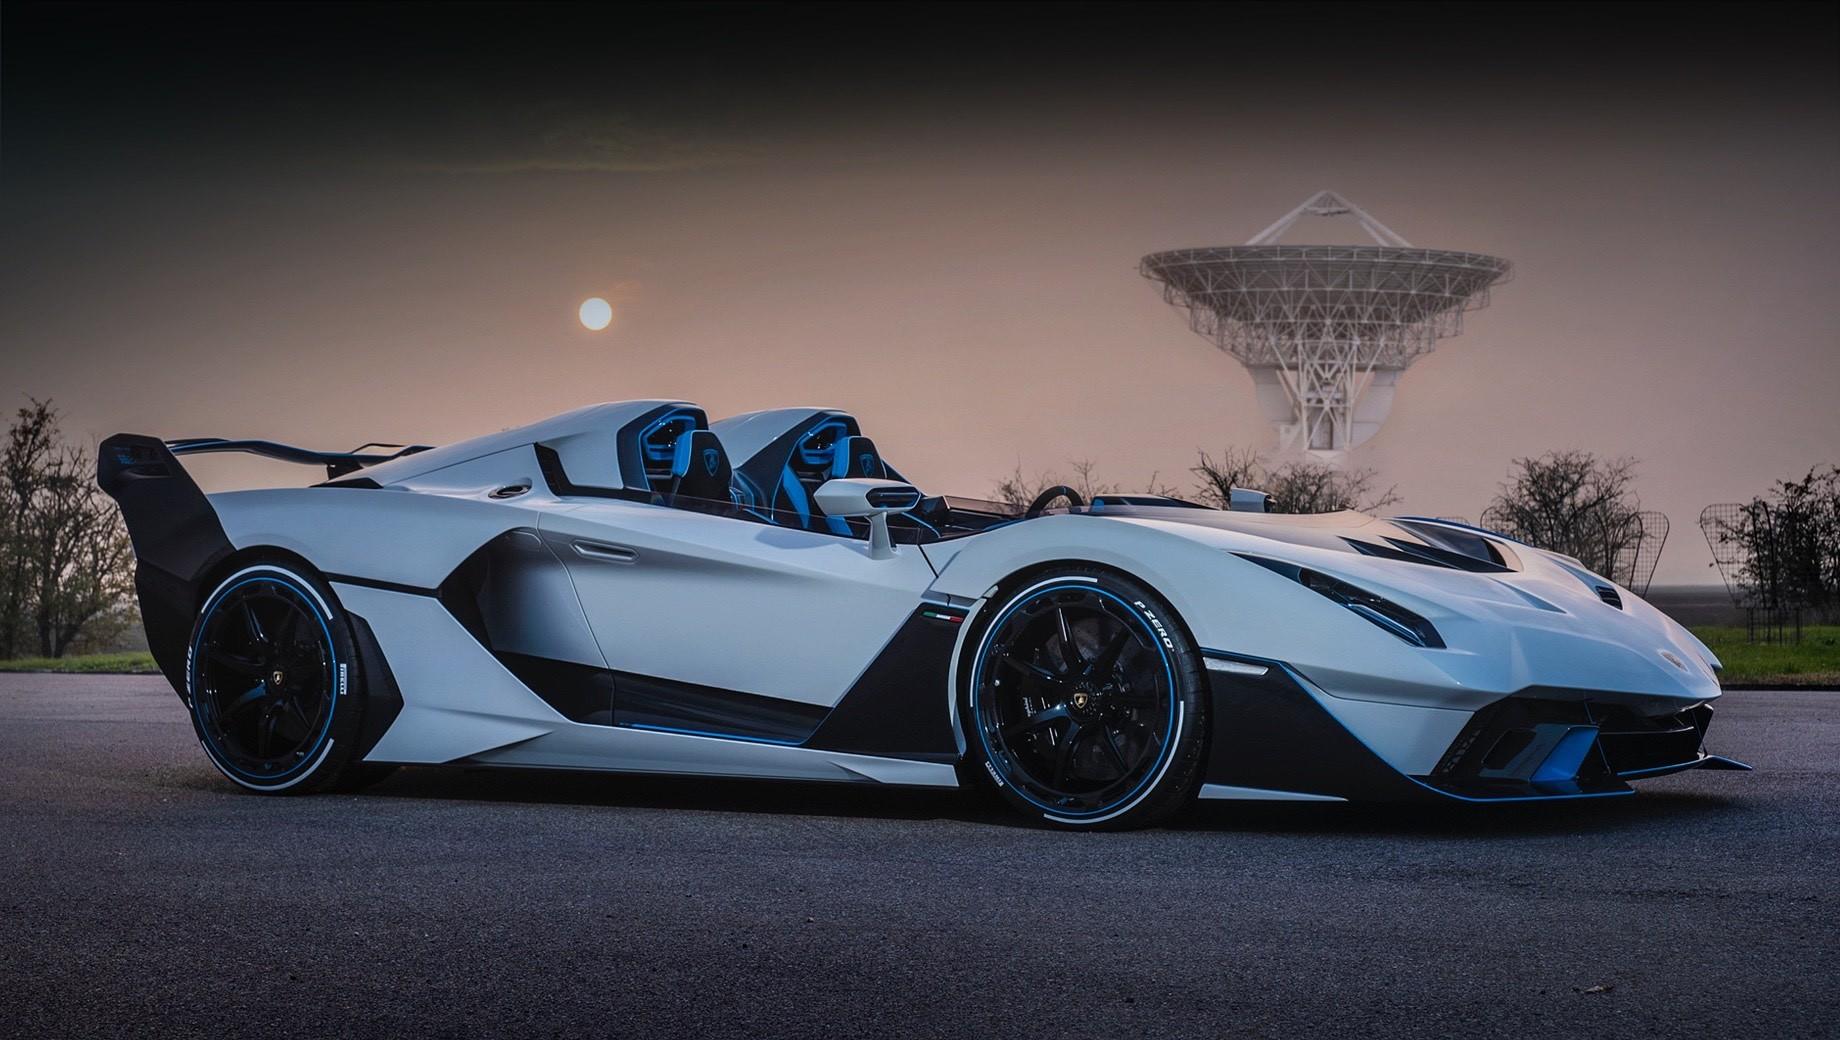 Lamborghini sc20. О динамических и скоростных характеристиках Lamborghini SC20 не сообщается, но Aventador SVJ с таким же агрегатом разгоняется до сотни за 2,8 с, а его максимальная скорость — 351 км/ч. У SC20 установлены кованые алюминиевые колёса с центральной гайкой диаметром 20 дюймов спереди и 21 сзади.